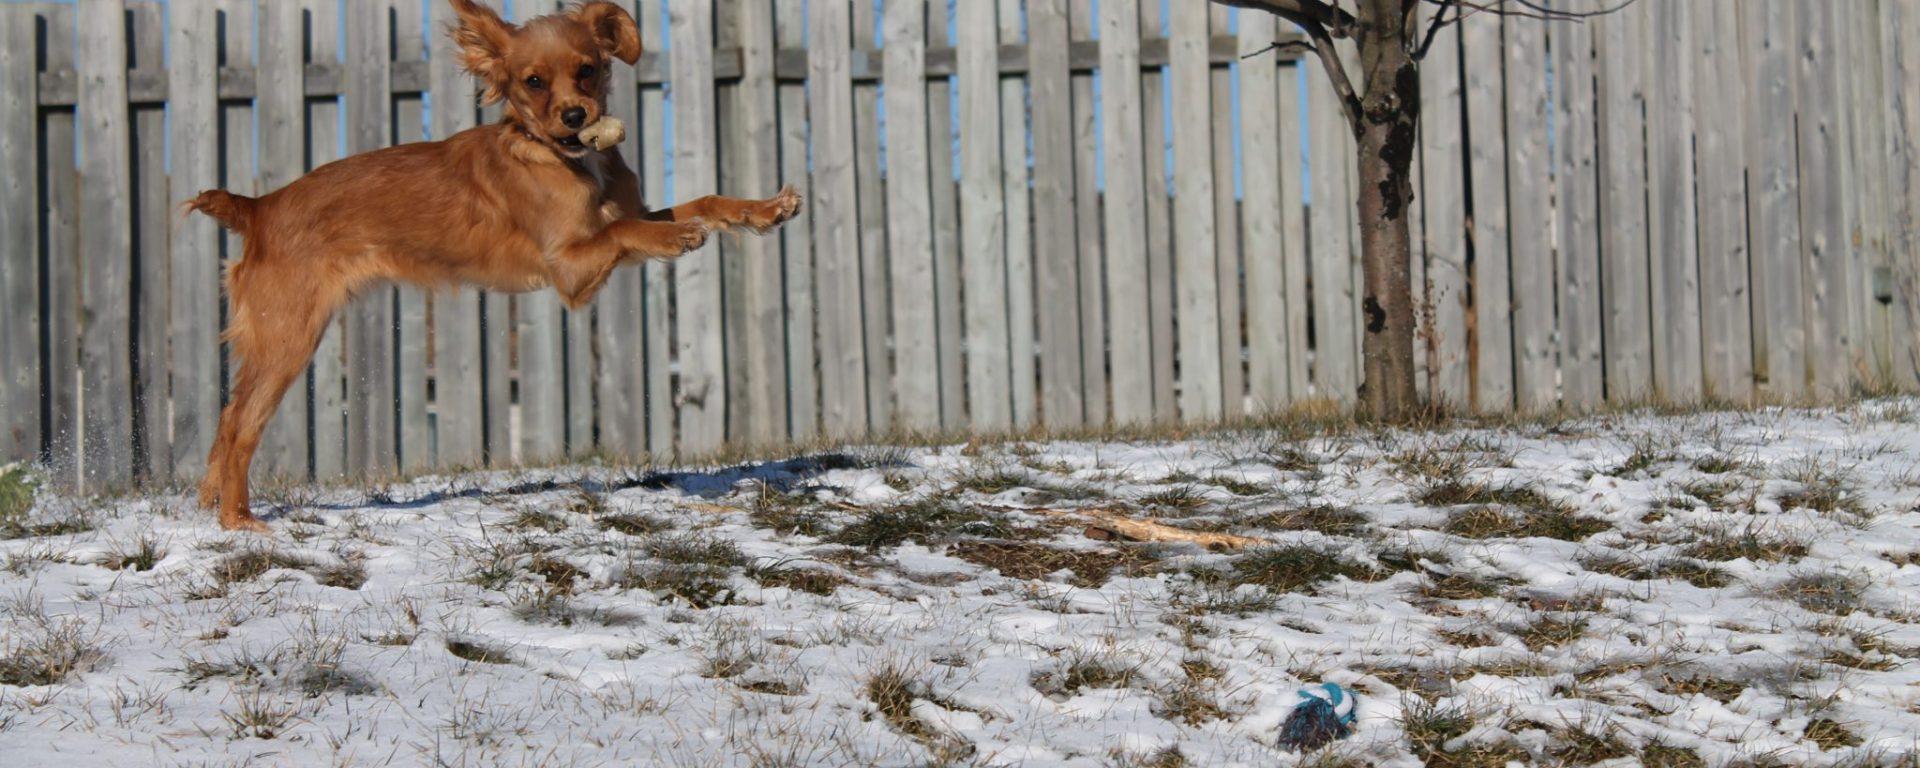 Chloe-The-ADHD-Dog